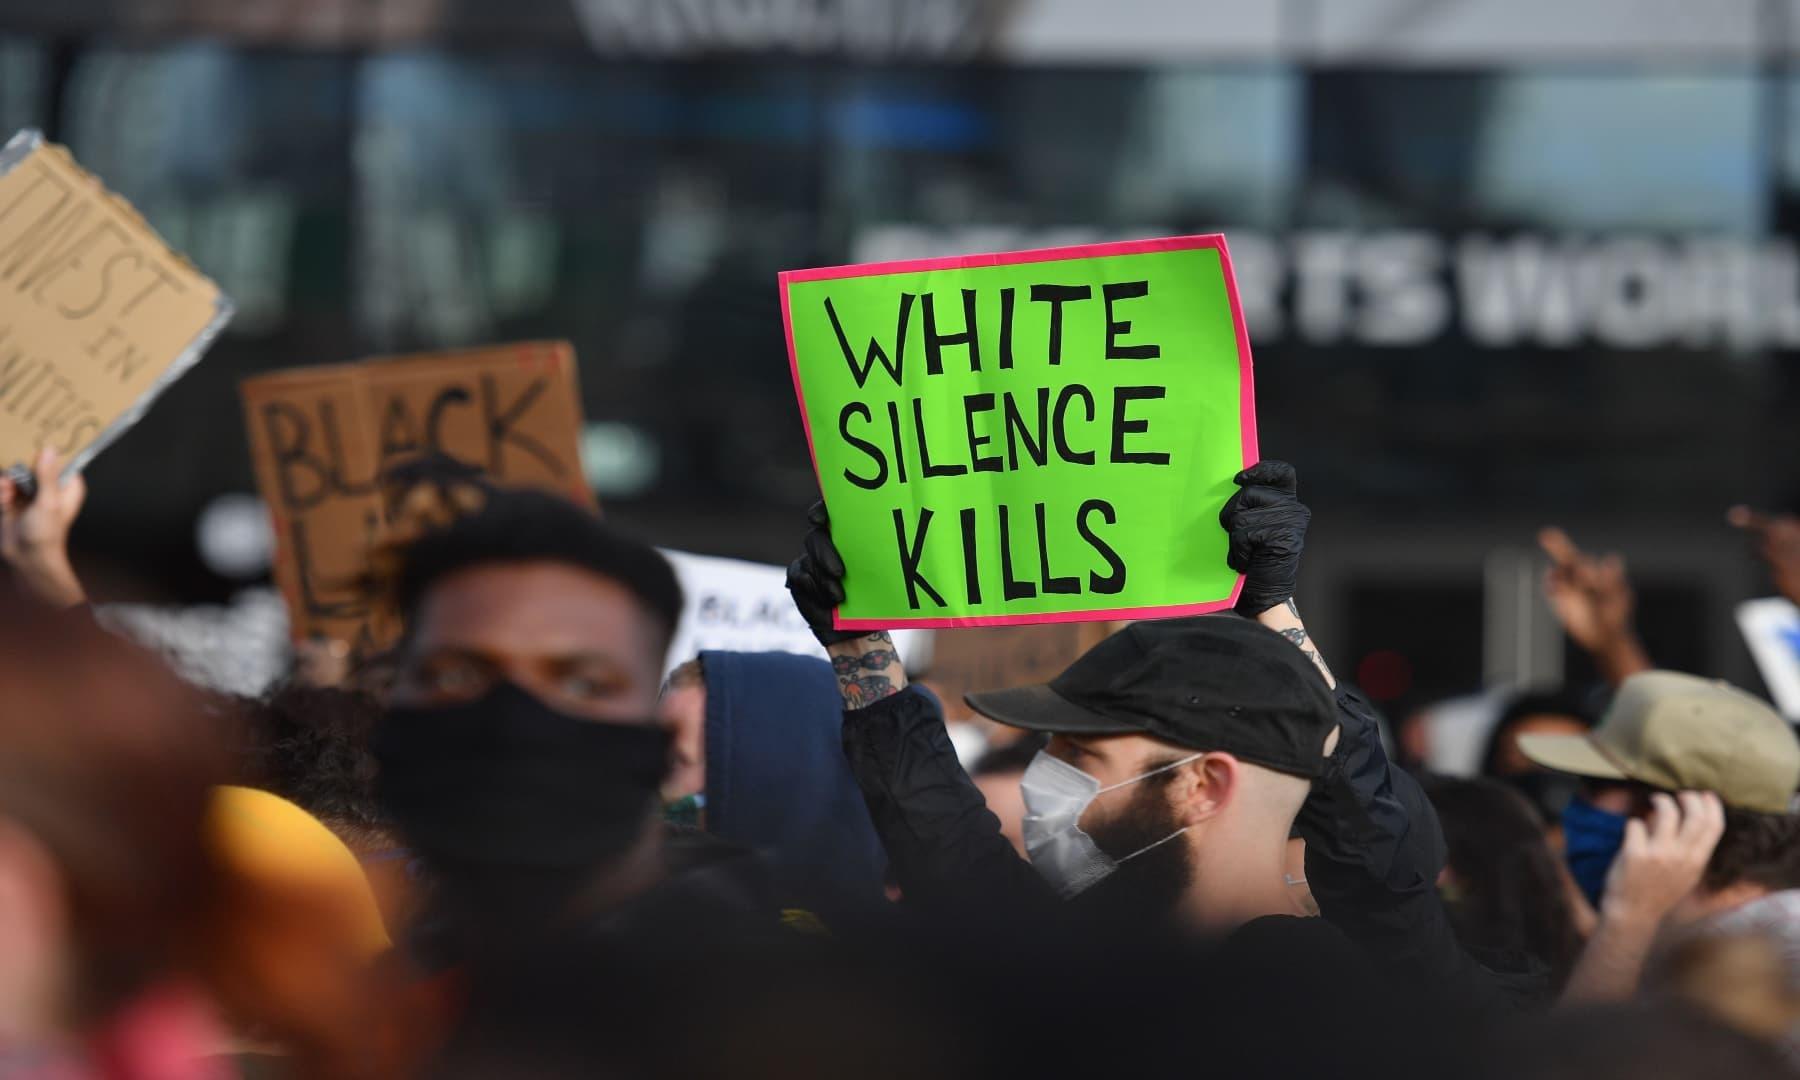 نیویارک میں احتجاج کے دوران عوام نے پلے کارڈز اٹھائے ہوئے تھے جس پر درج تھا کہ سیاہ فارم افارد کی زندگی بھی معنی رکھتی ہے— فوٹو: اے ایف پی